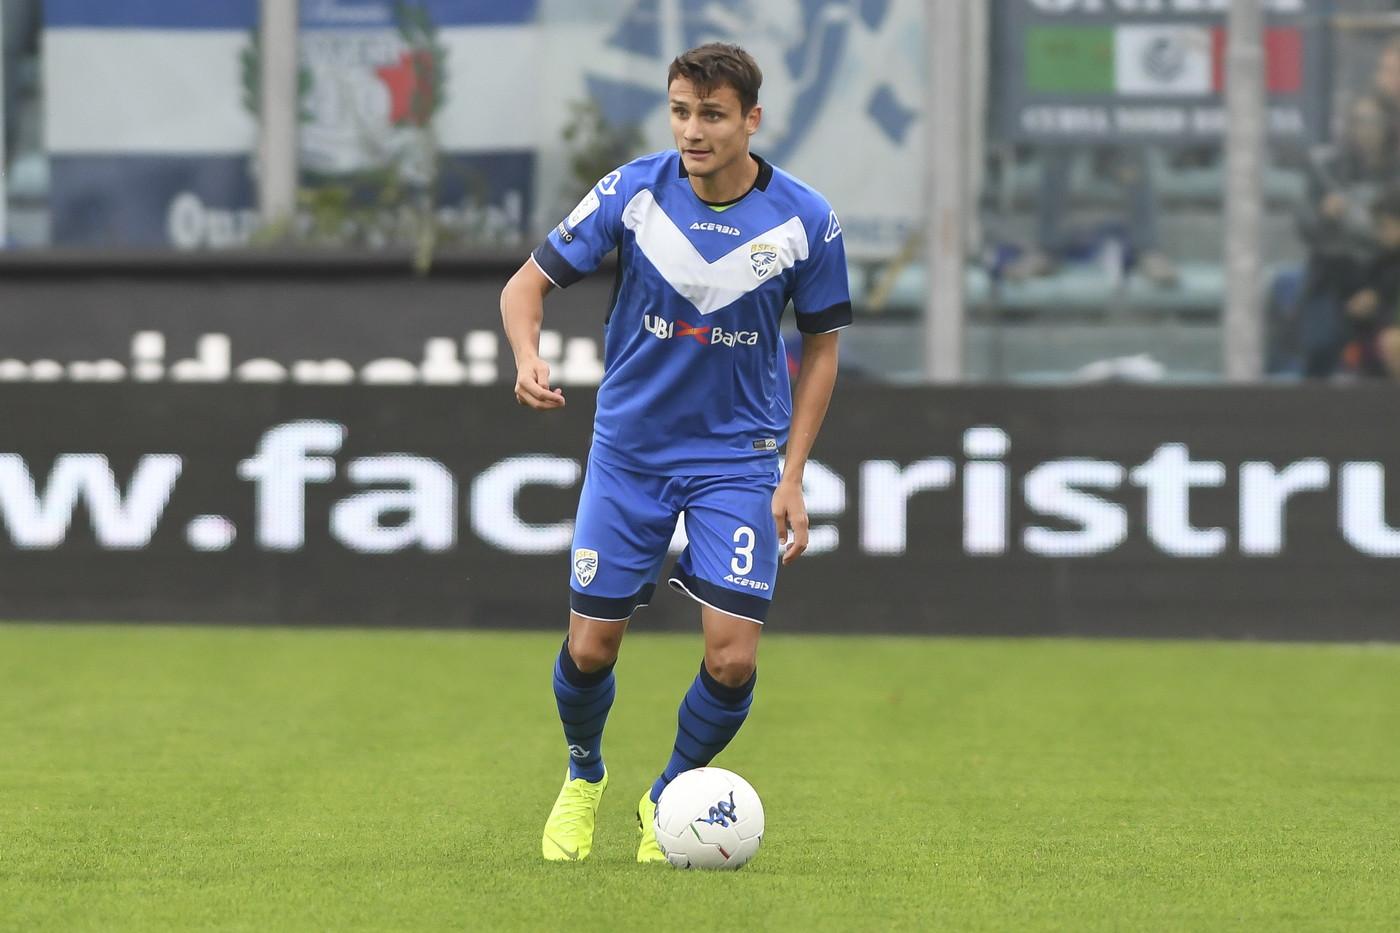 Mateju (Brescia) - Un turno rimediato in Serie B